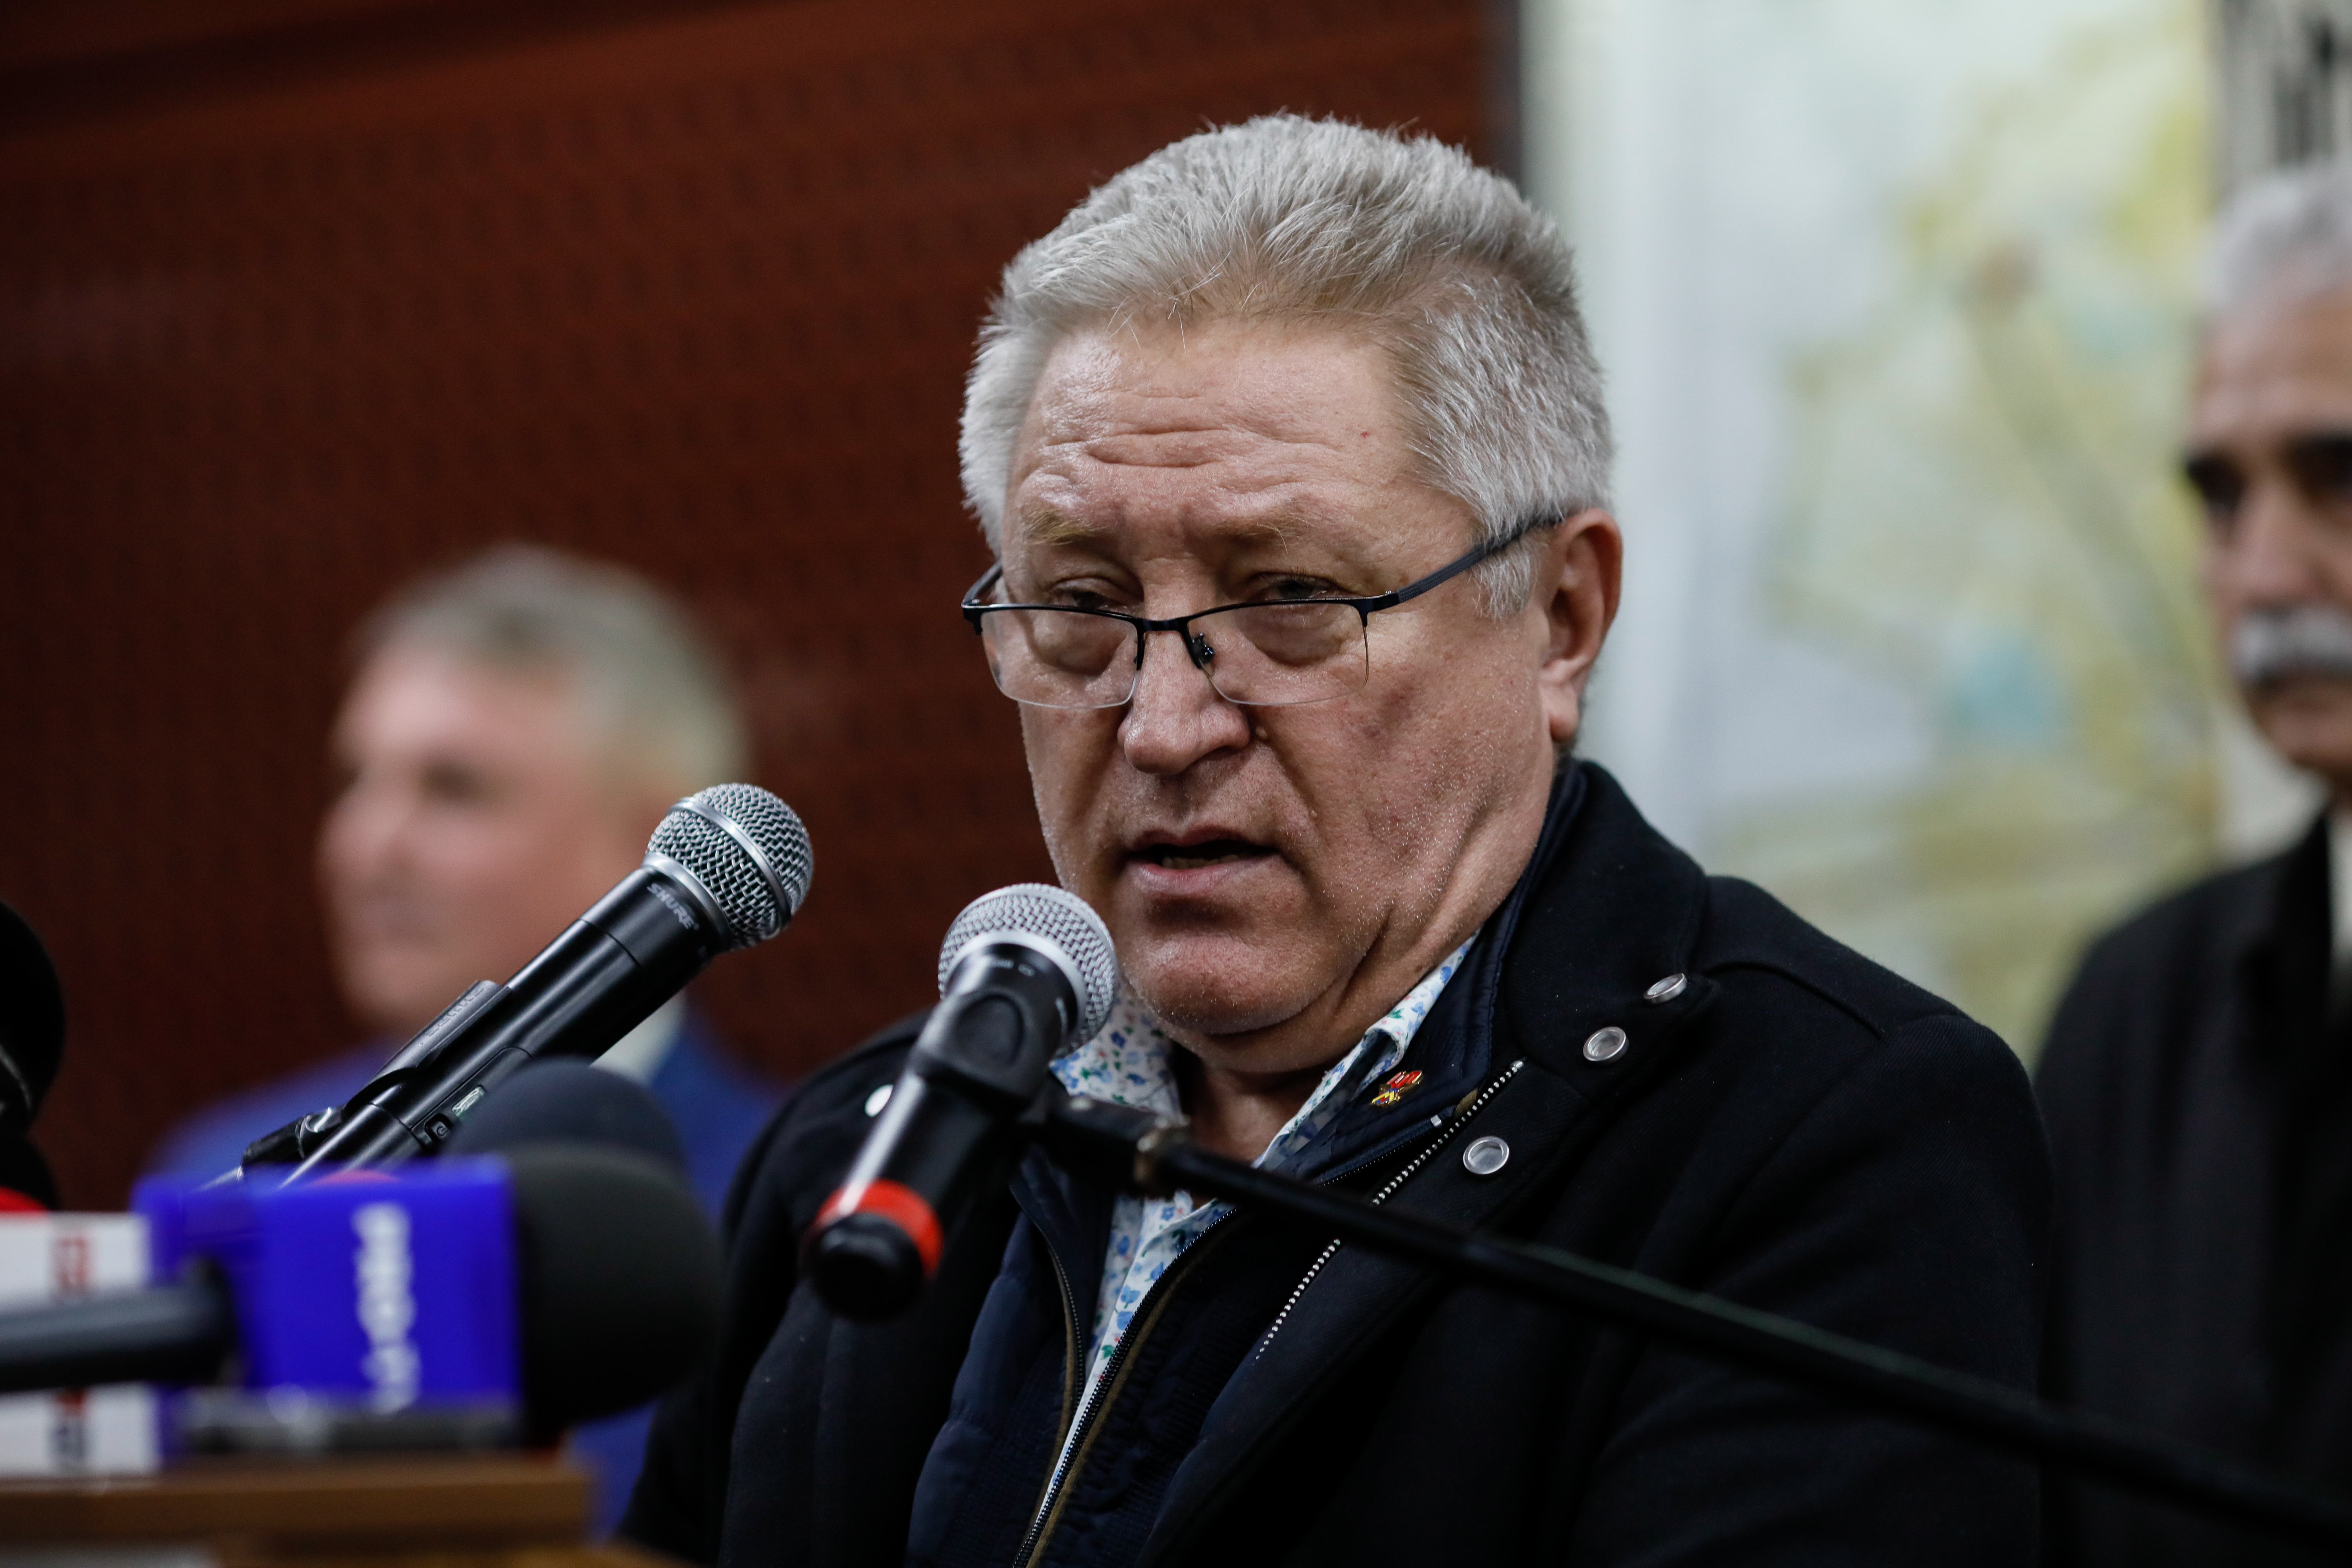 Liderul de sindicat de la metrou le cere sindicaliștilor să-l atace pe ministru după trimiterea Corpului de Control